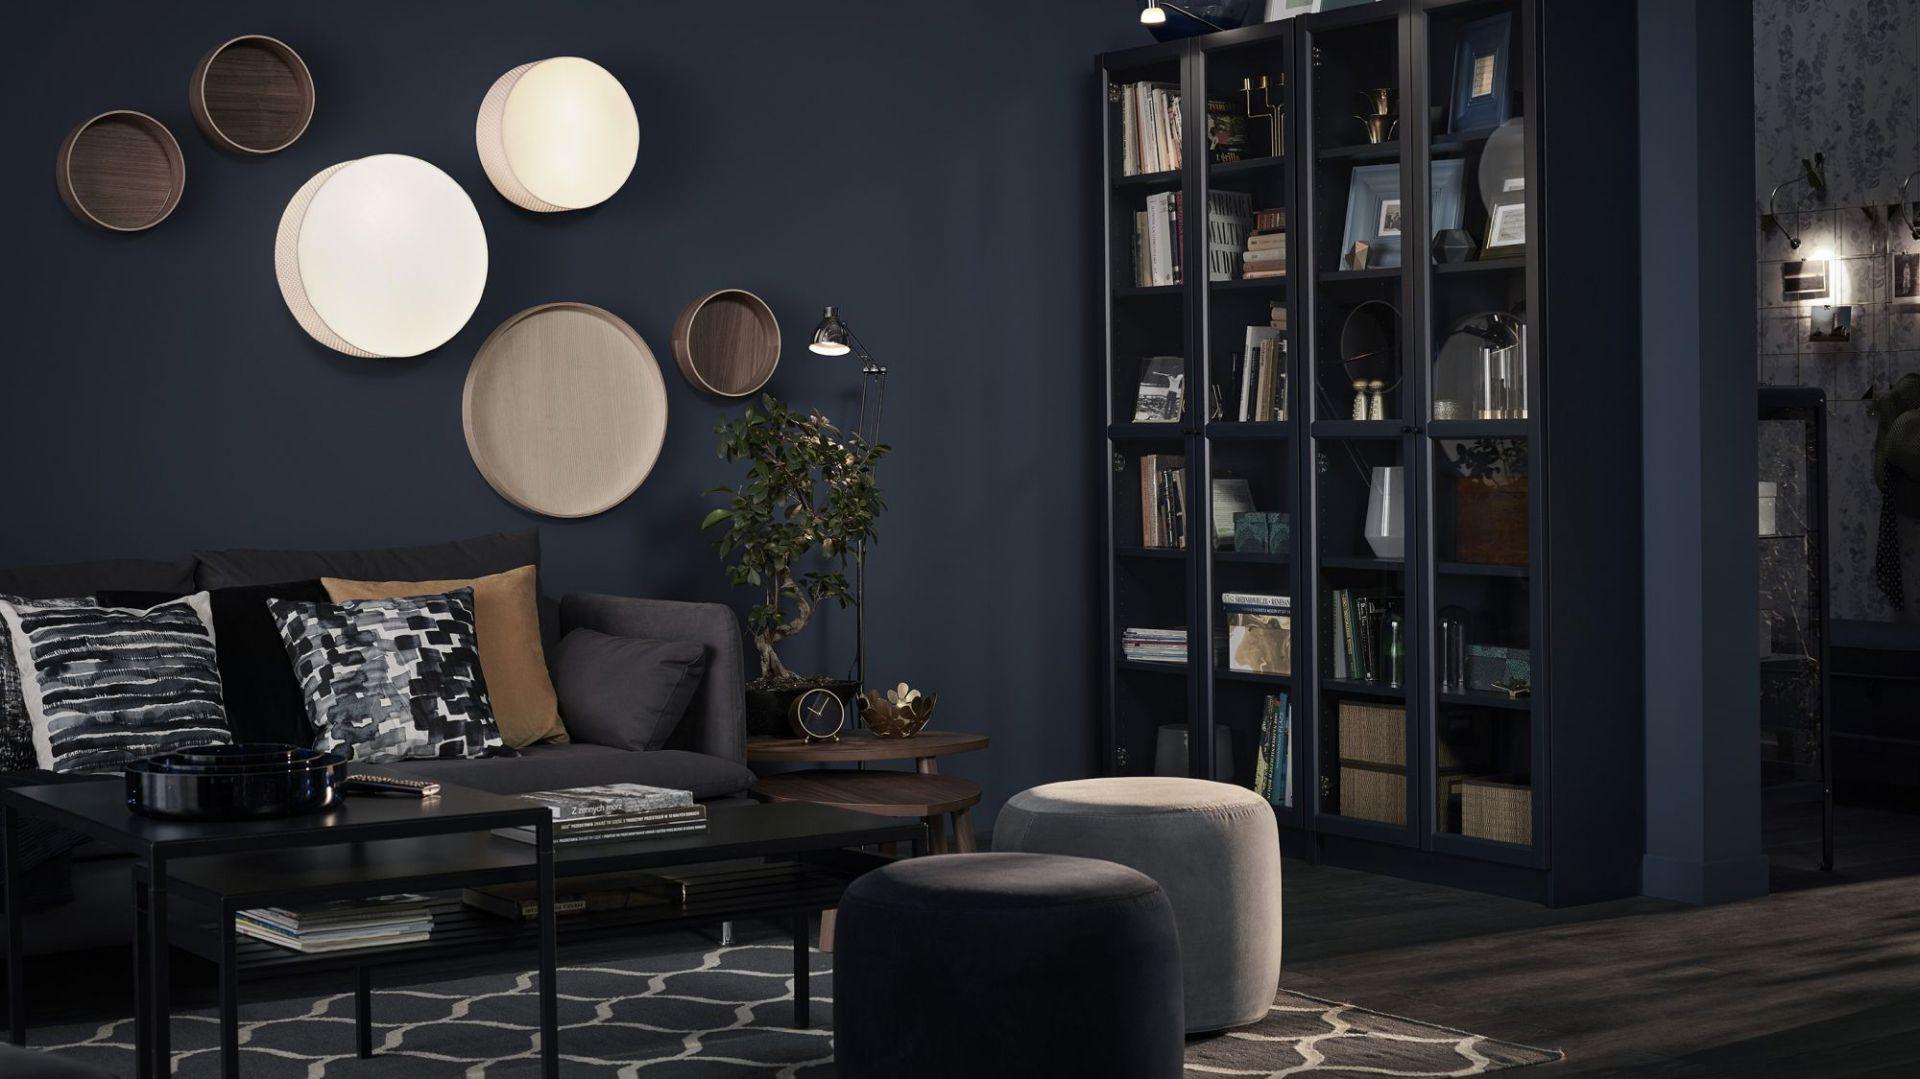 nowy katalog ikea trendy trendy na 2018 rok znajdziesz je w nowym katalogu ikea strona 3. Black Bedroom Furniture Sets. Home Design Ideas